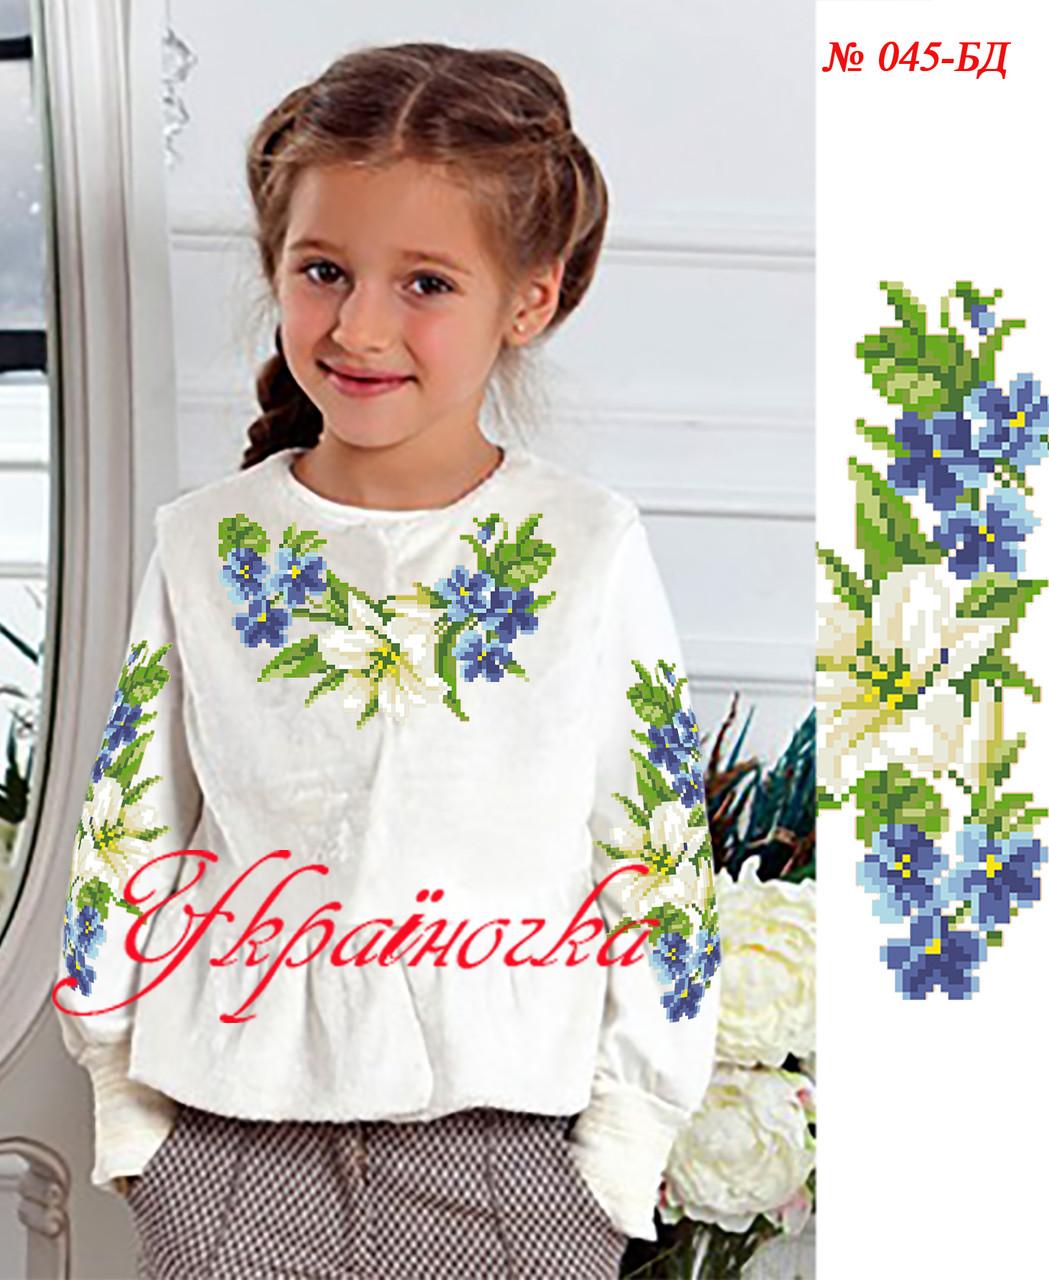 Заготовка блузы для девочки под вышивку БД-045 - Интернет-магазин Hobby  Produkt в fb825c5cff515